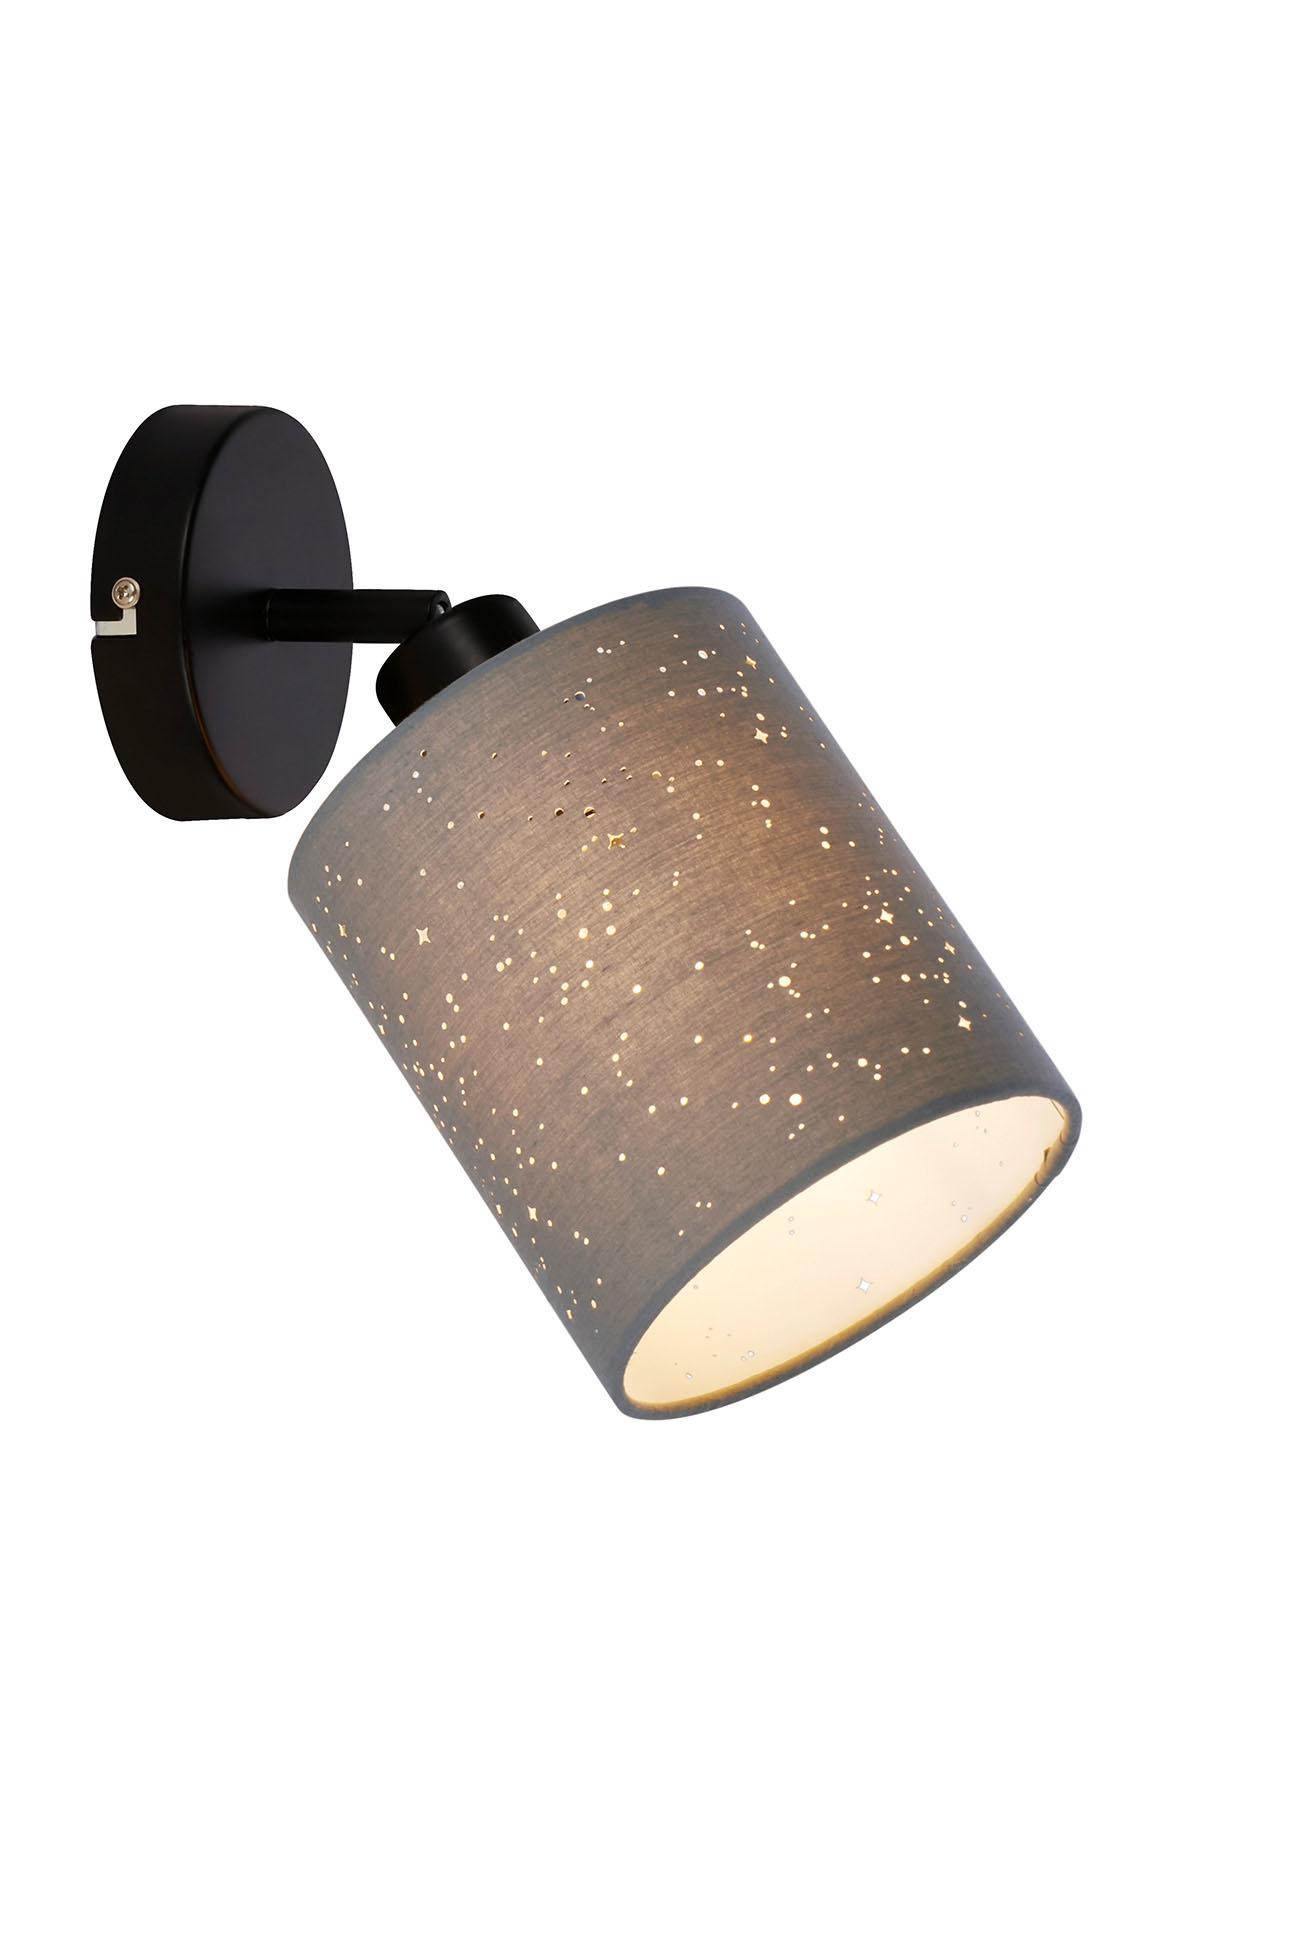 LED Spot Wandleuchte, Ø 13 cm, max. 25 W, Grau-Schwarz